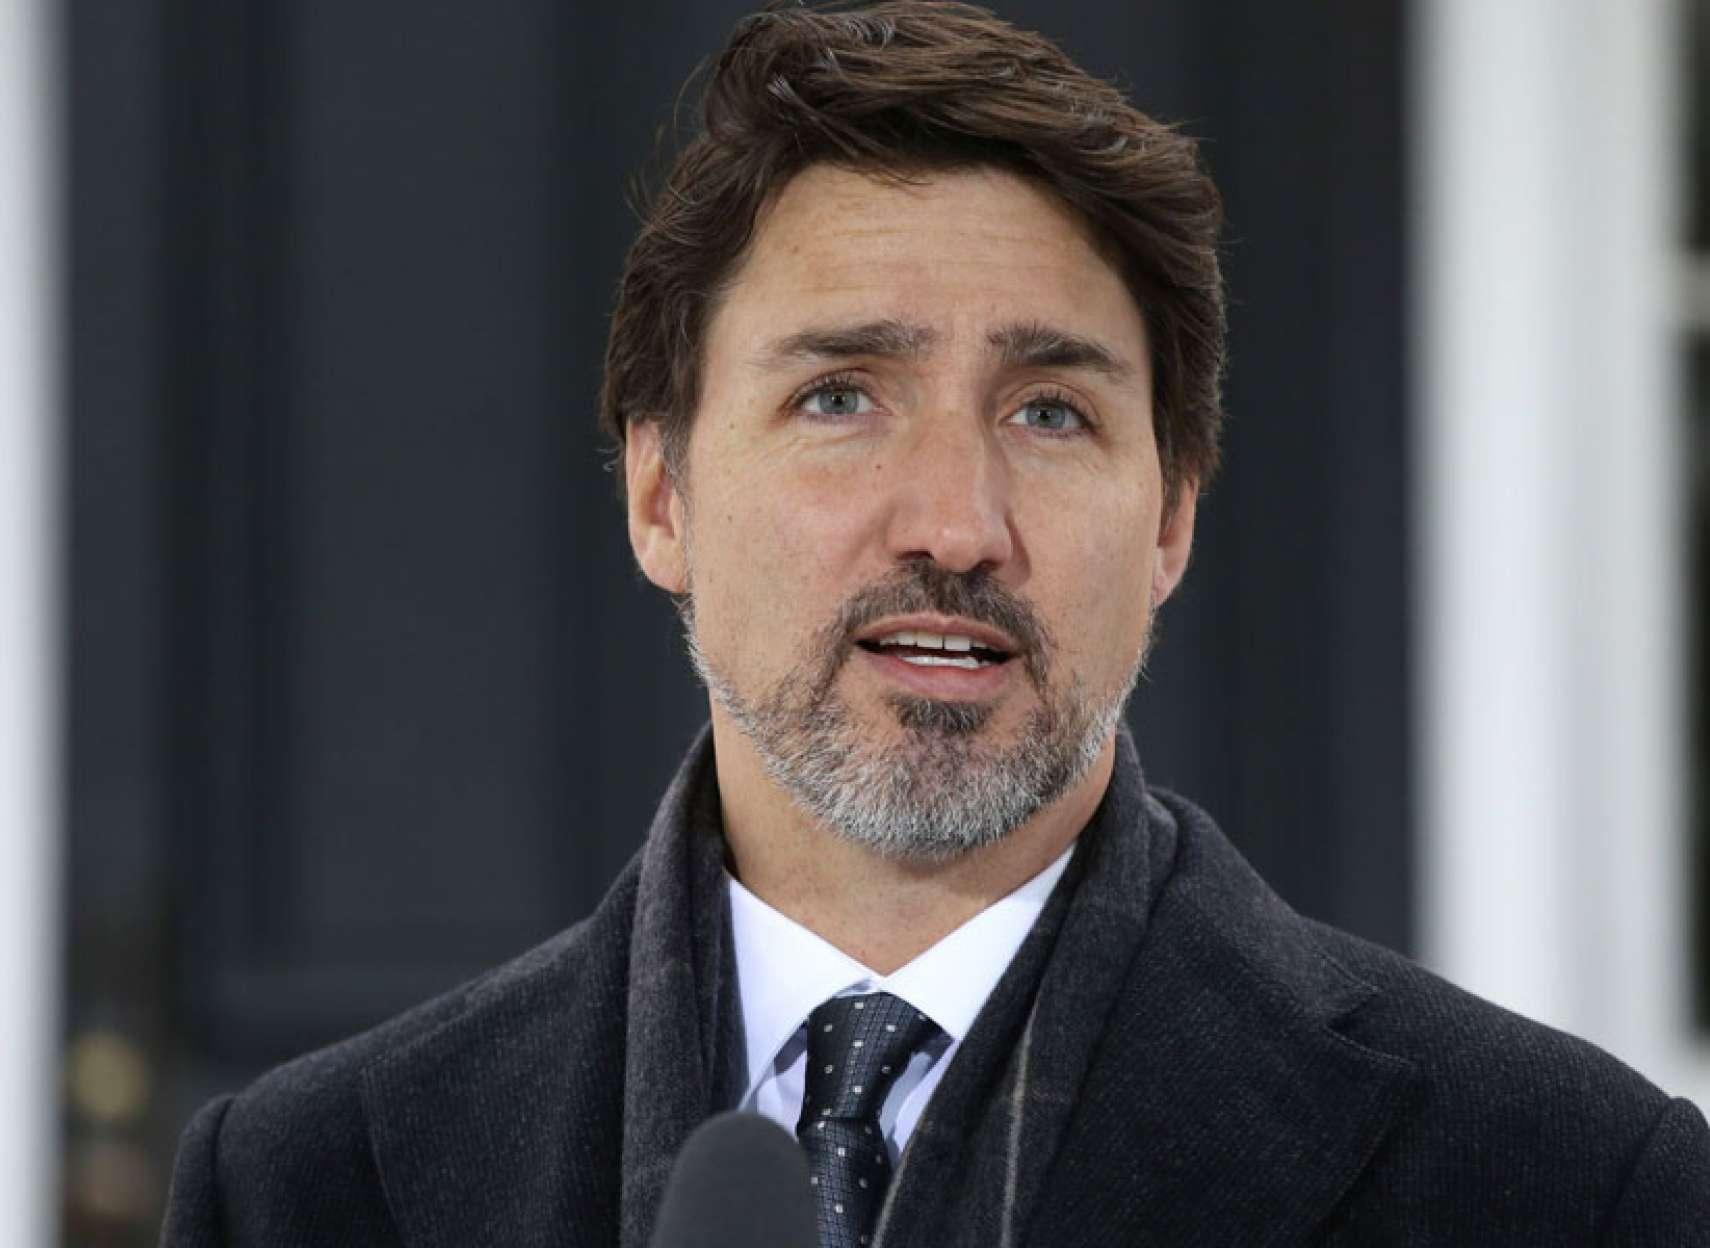 اخبار-کانادا-کانادا-75-درصد-حقوق-کارمندان-را-برای-جلوگیری-از-اخراجشان-می-دهد